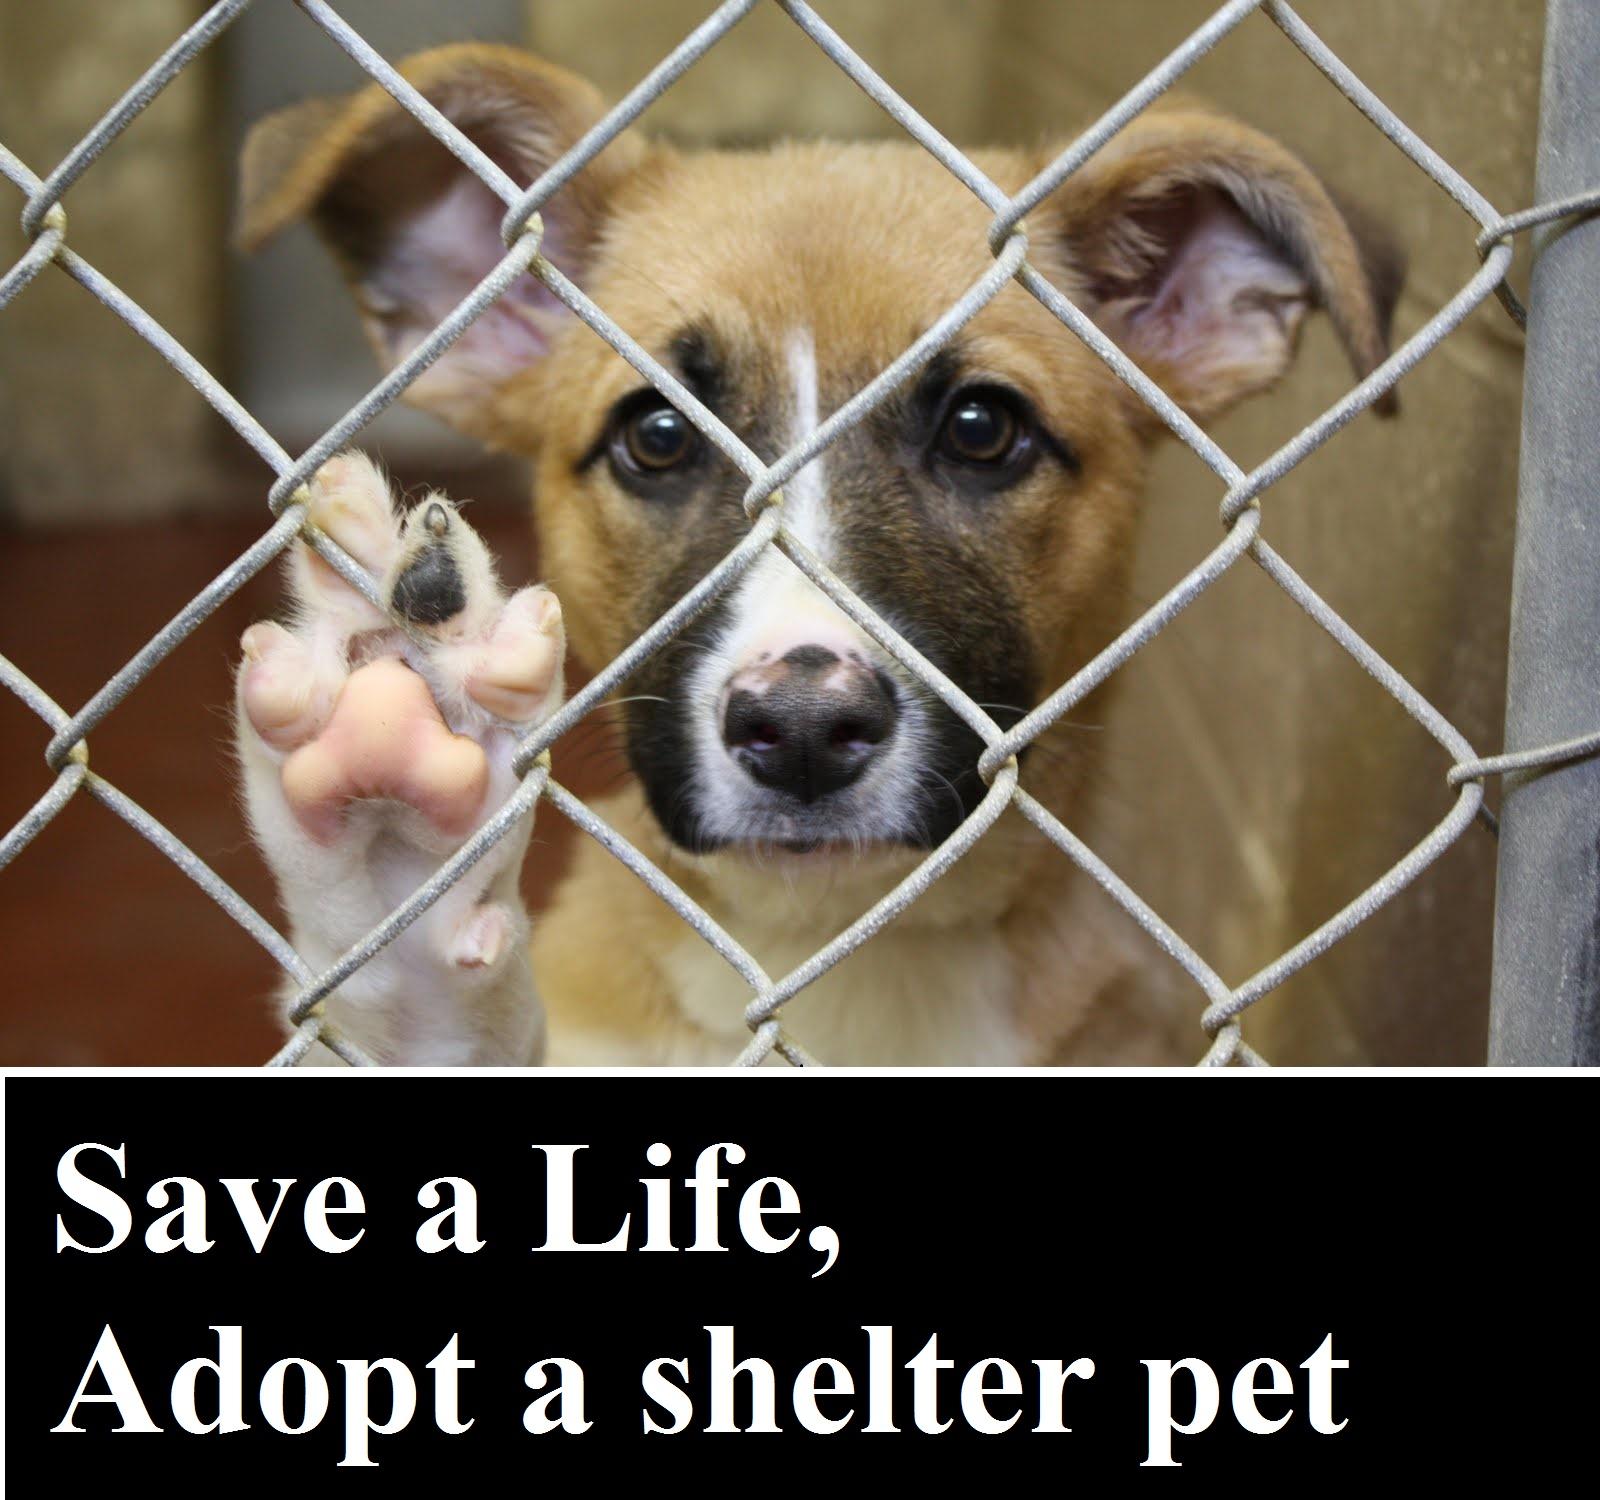 Save a Life, Adopt a shelter pet